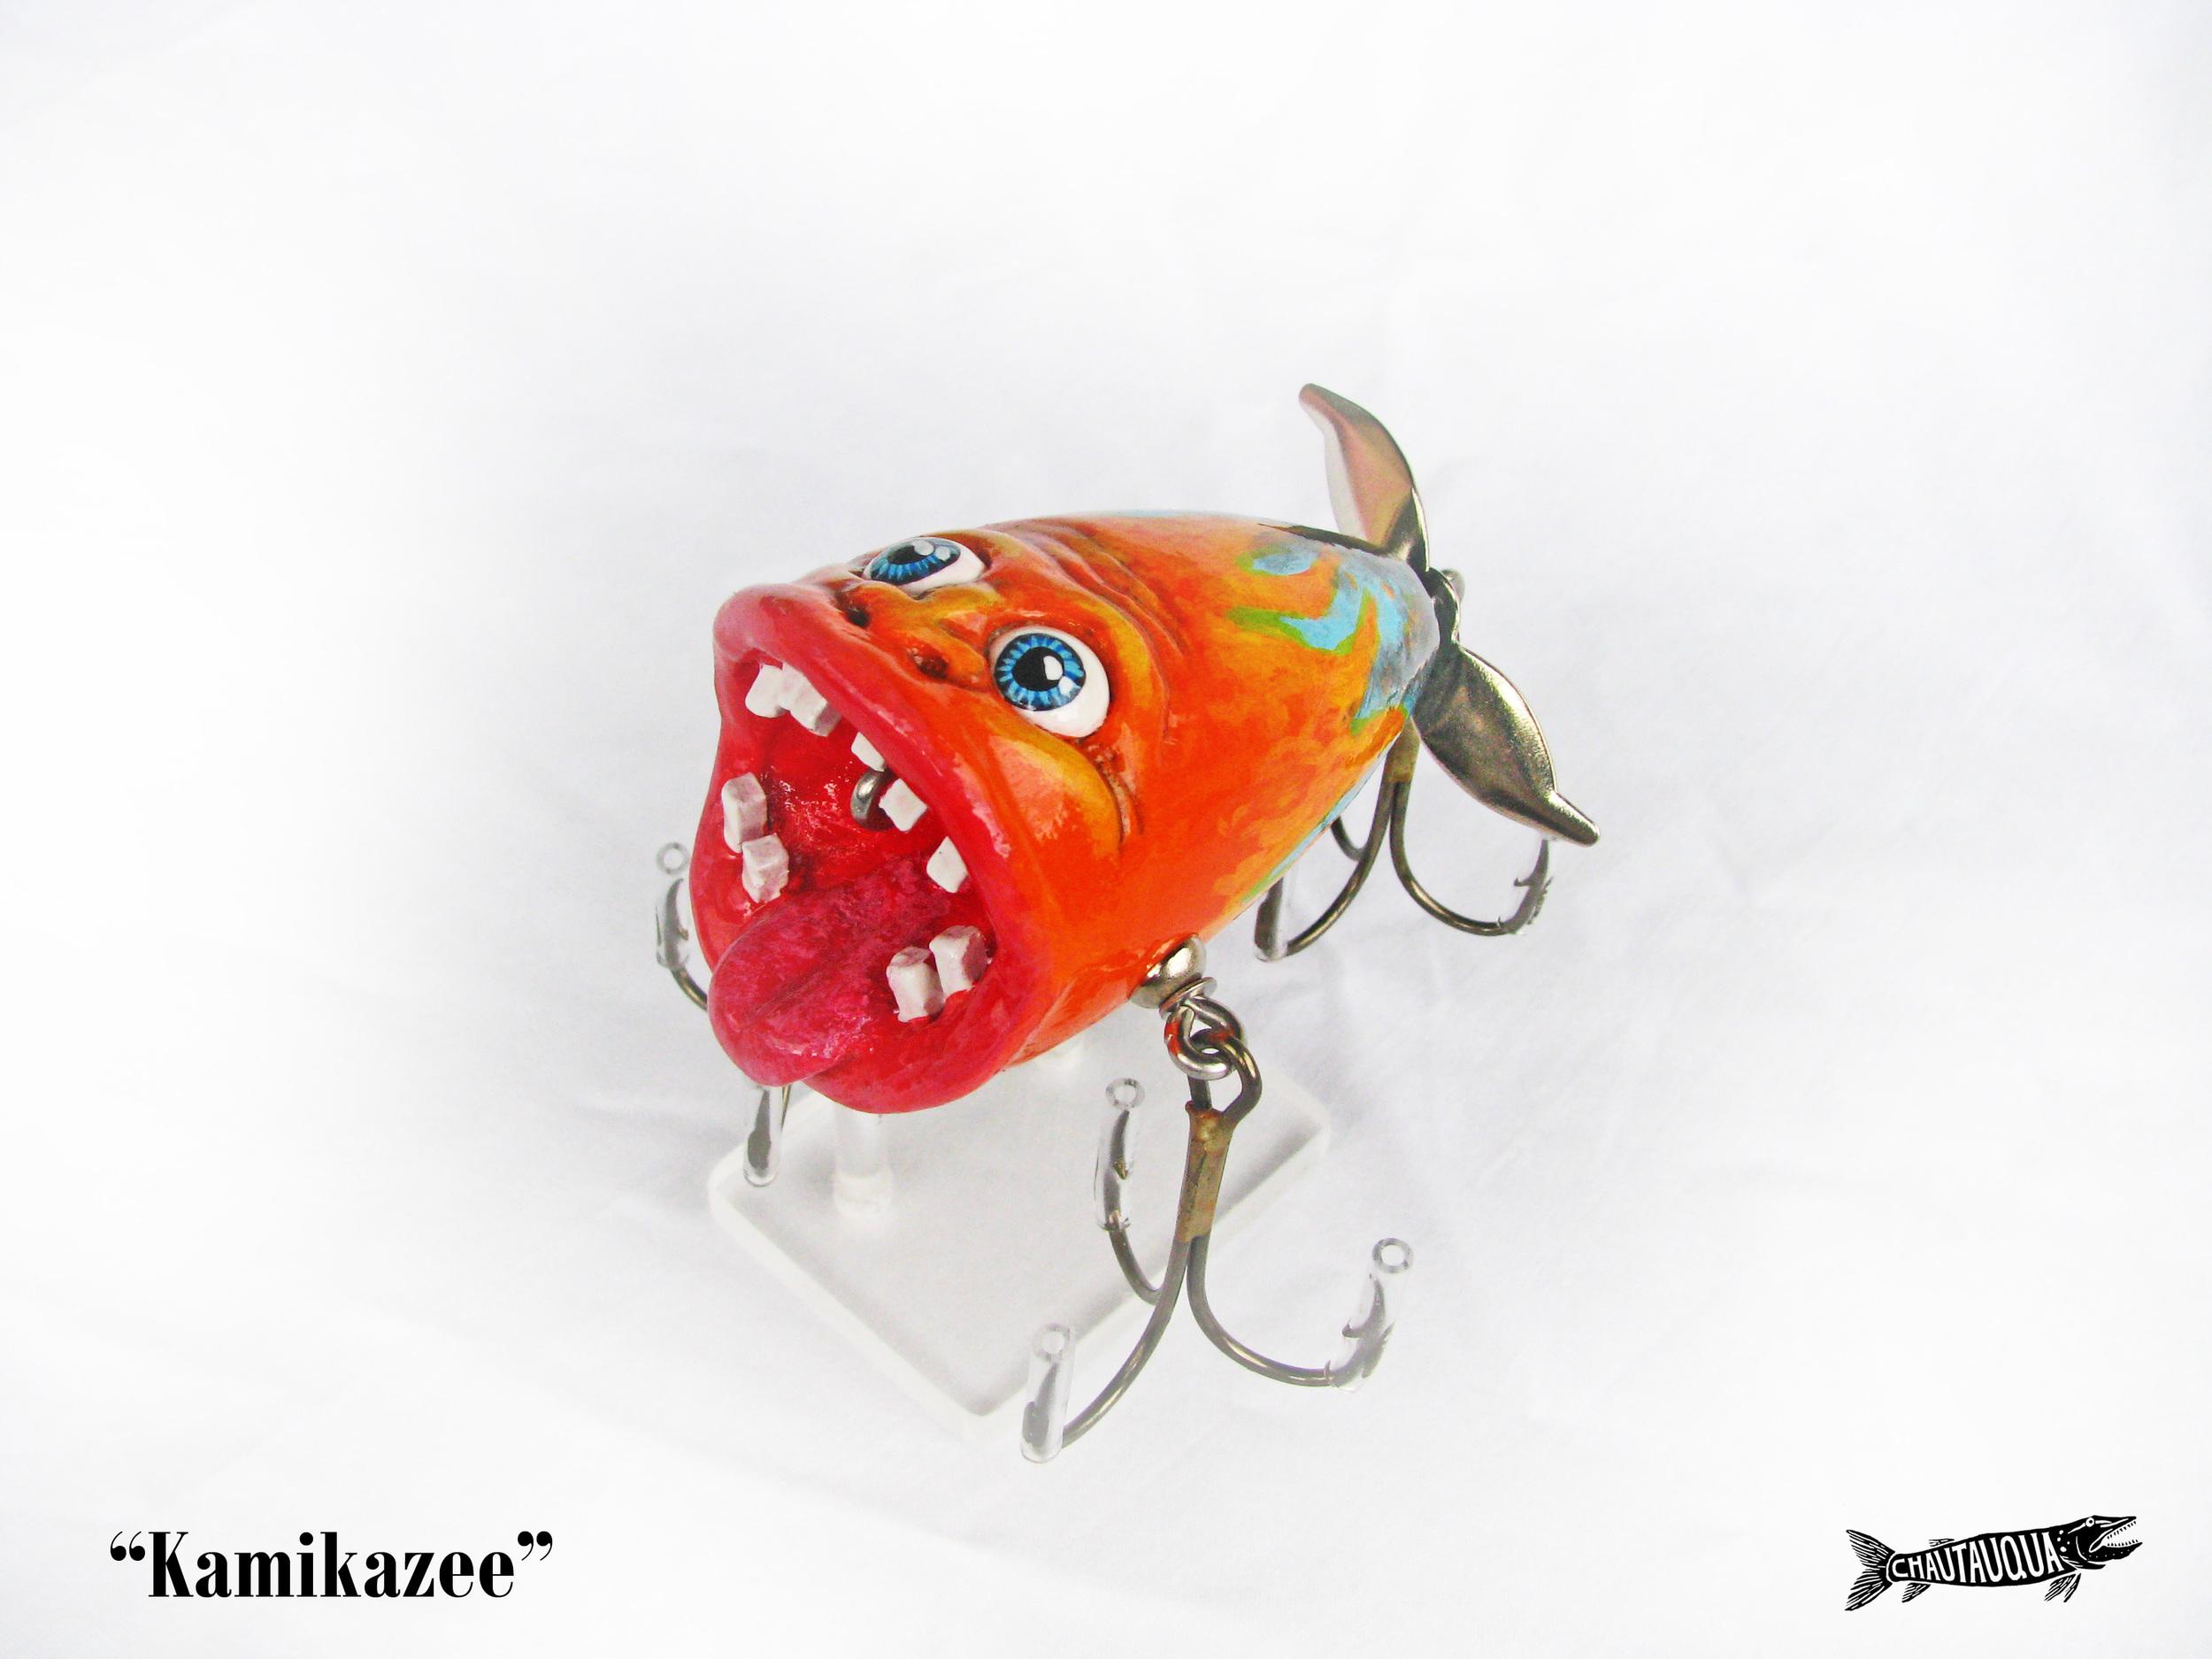 Kamikazee2.jpg